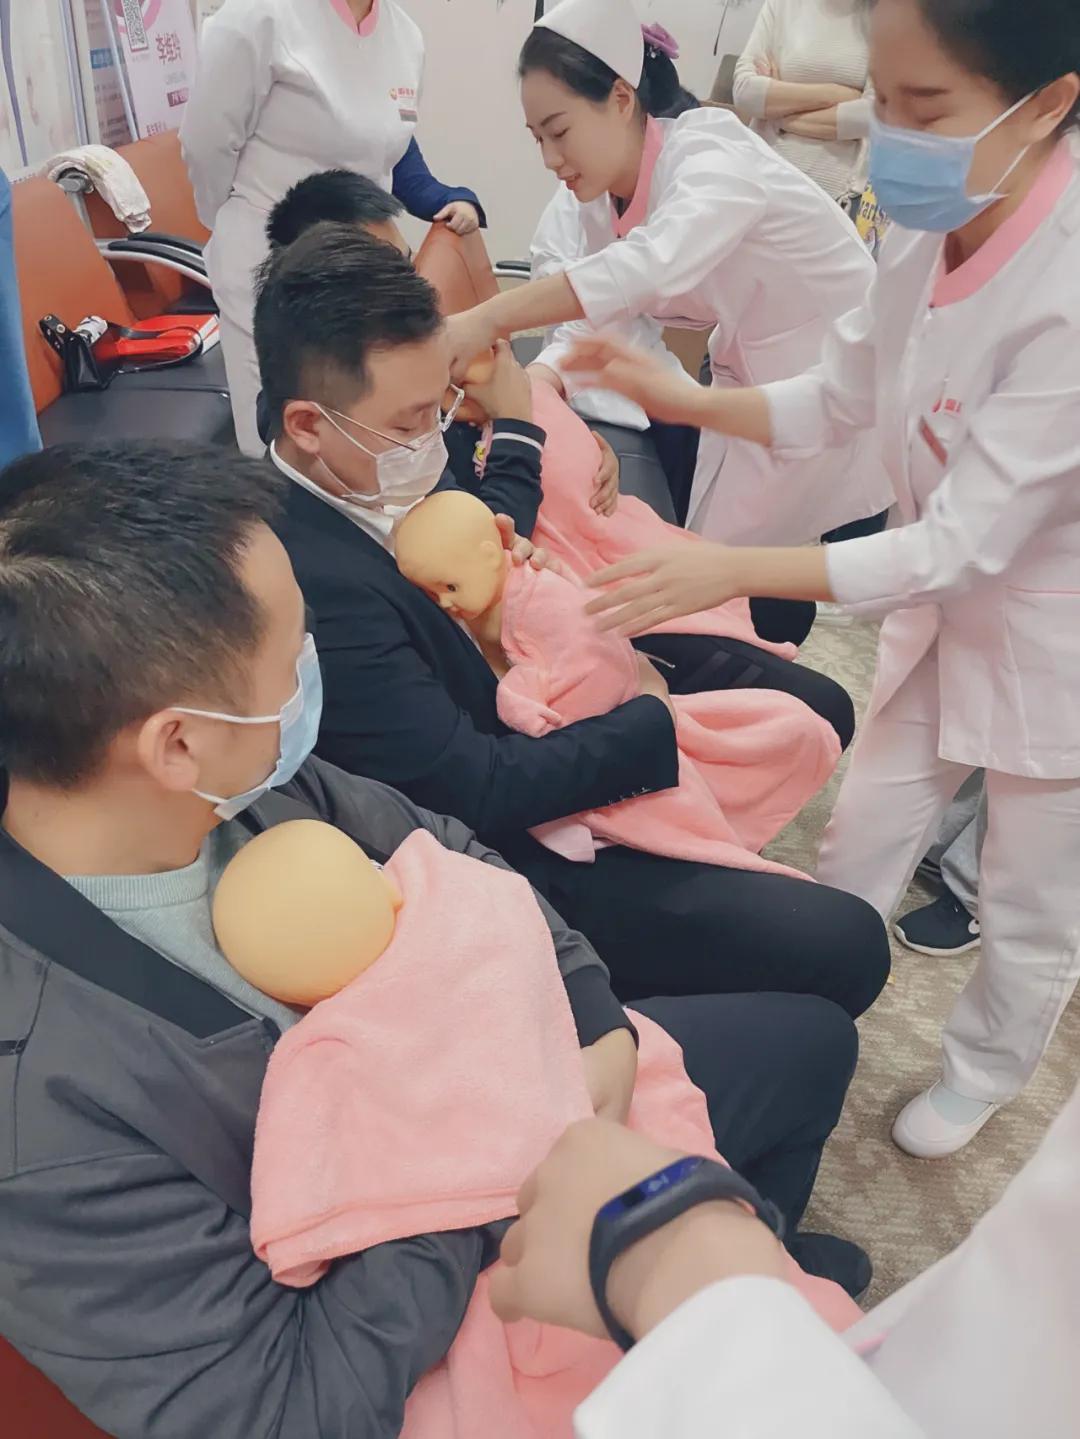 早产儿宝宝重温「临时妈妈」的怀抱